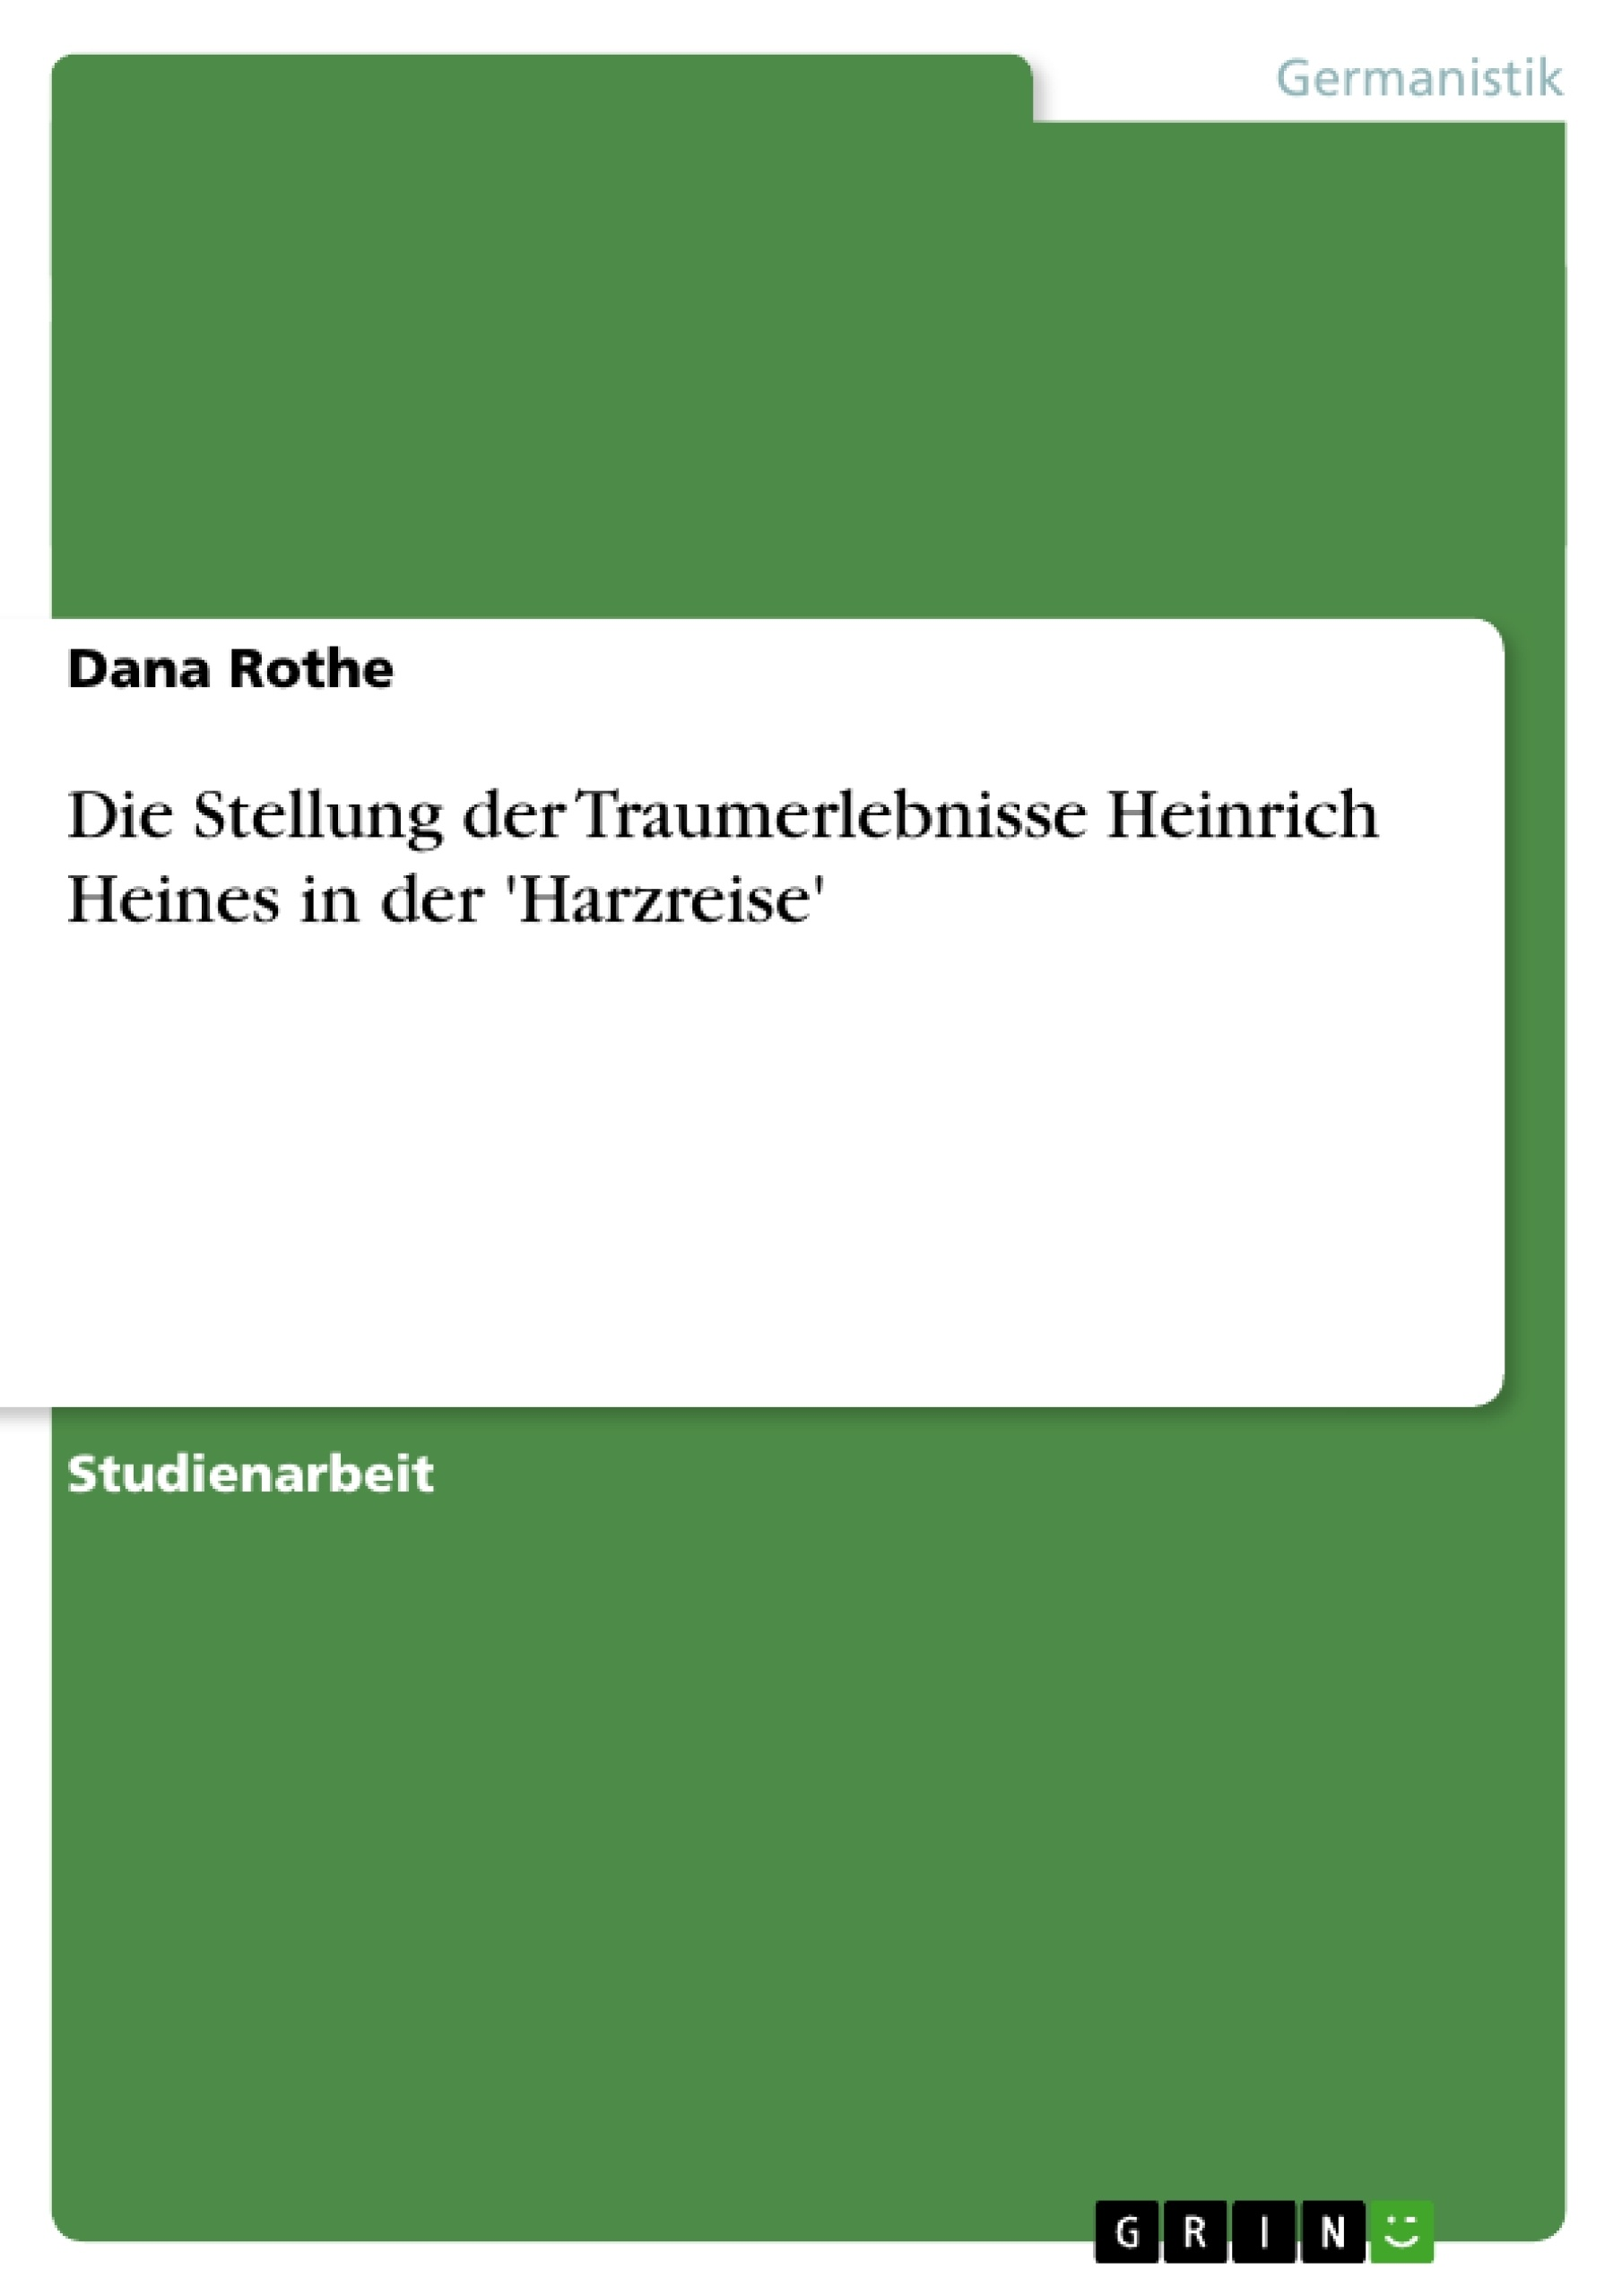 Titel: Die Stellung der Traumerlebnisse Heinrich Heines in der 'Harzreise'